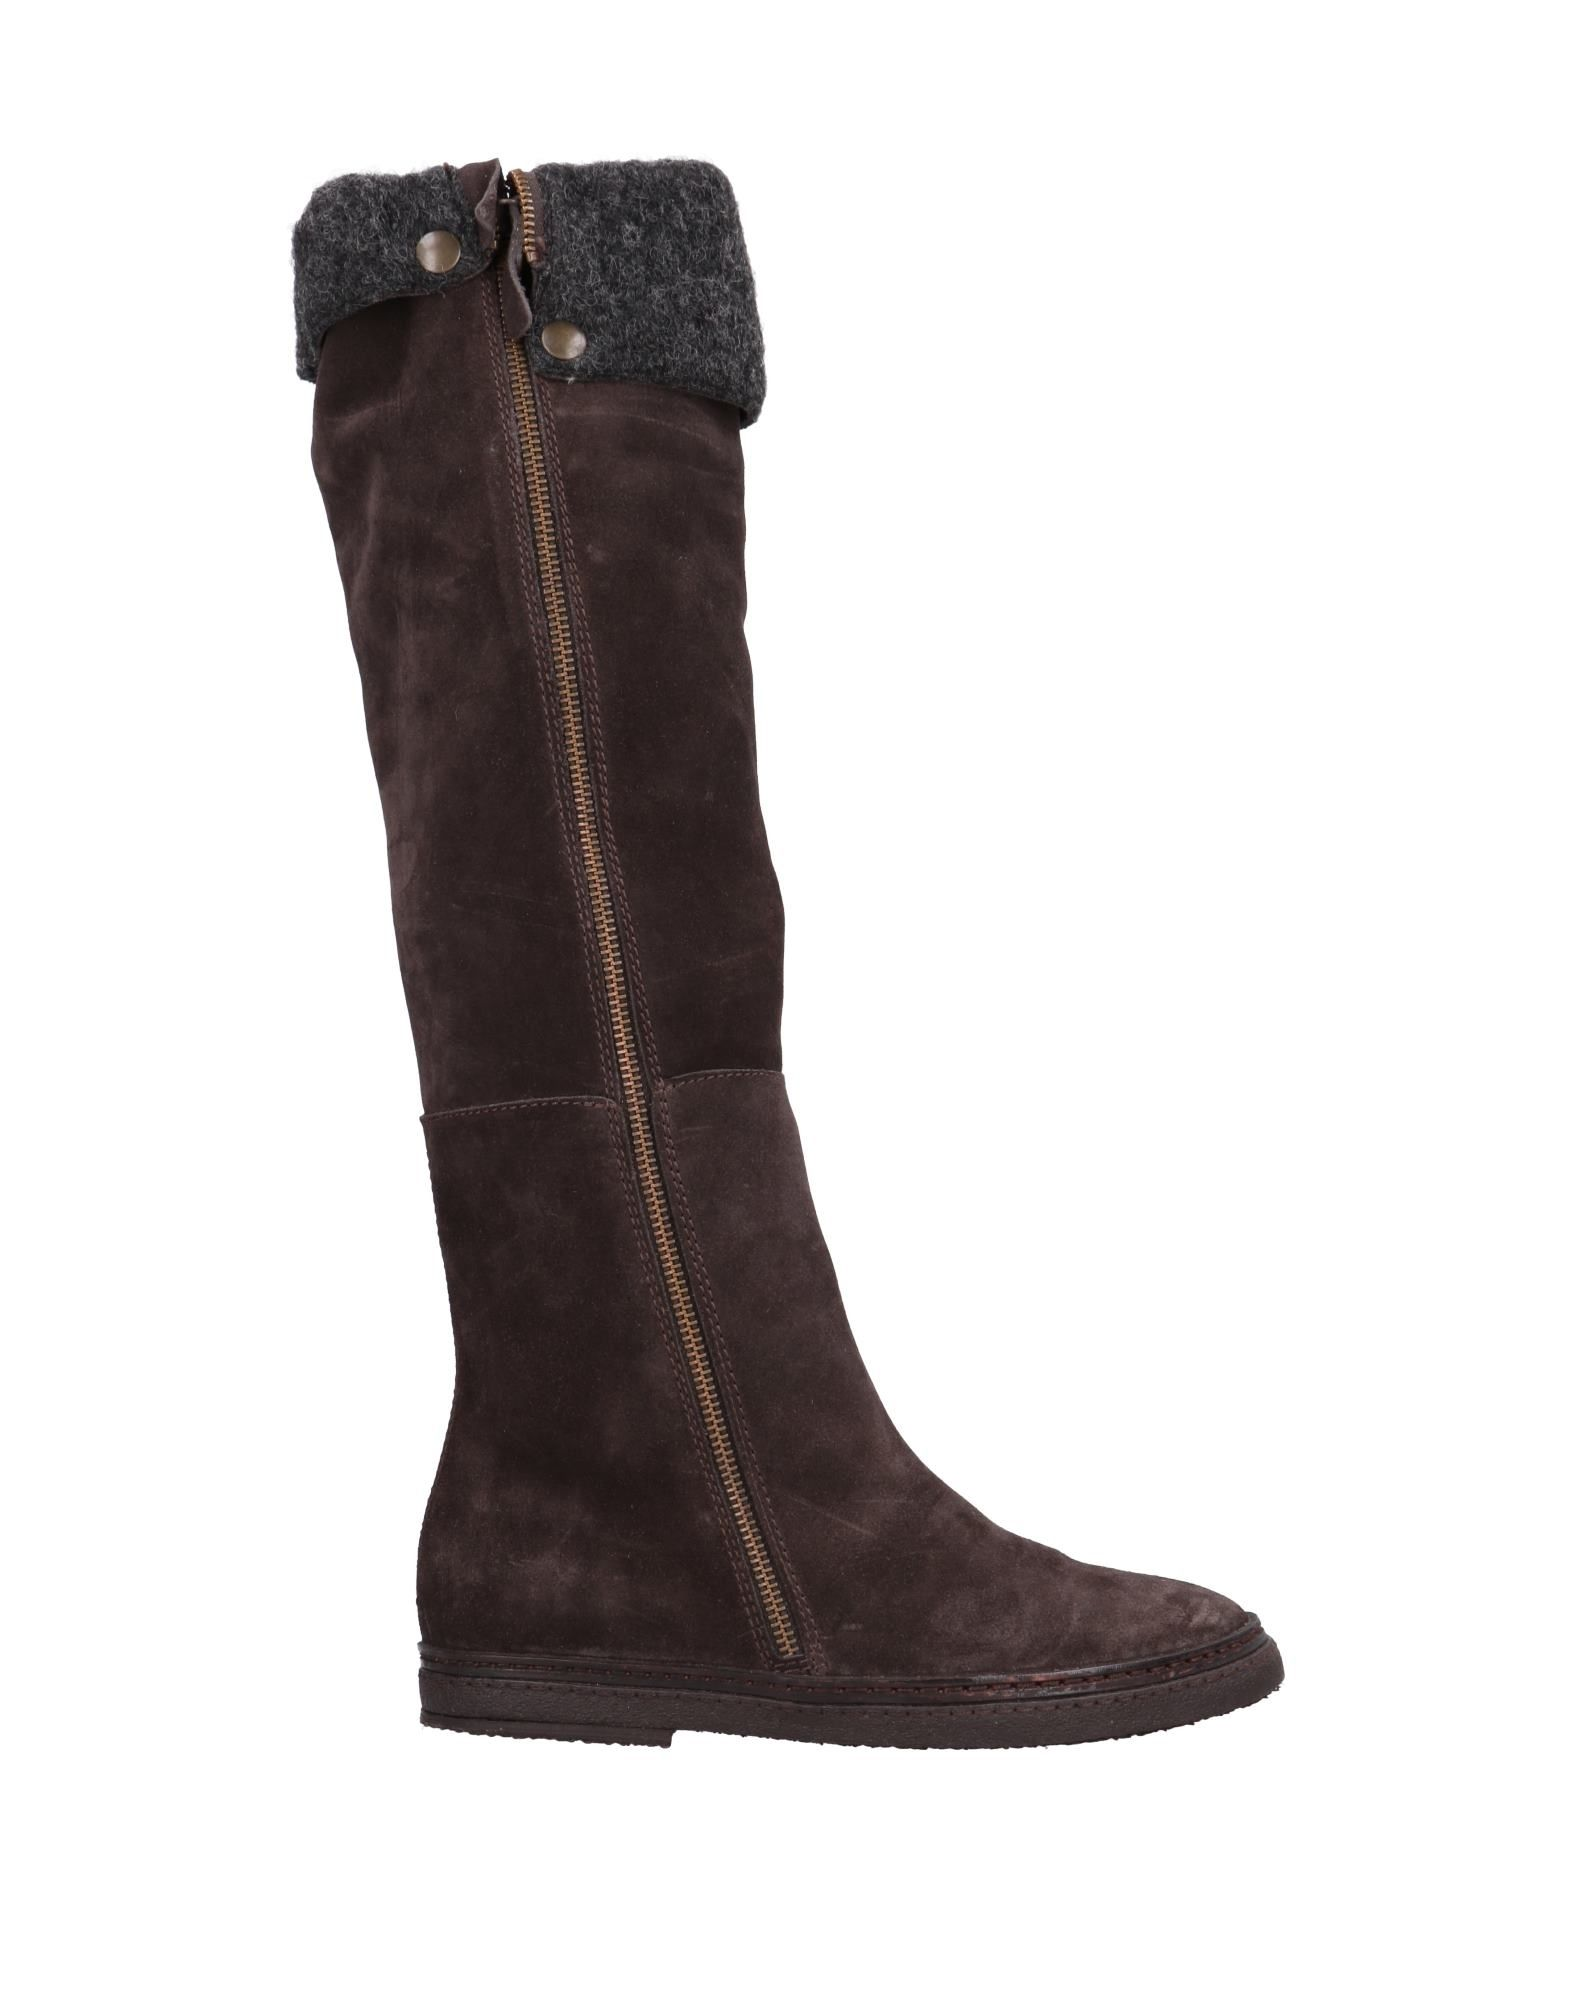 Billig-2809,Buttero® Stiefel Damen Gutes lohnt Preis-Leistungs-Verhältnis, es lohnt Gutes sich d16af2